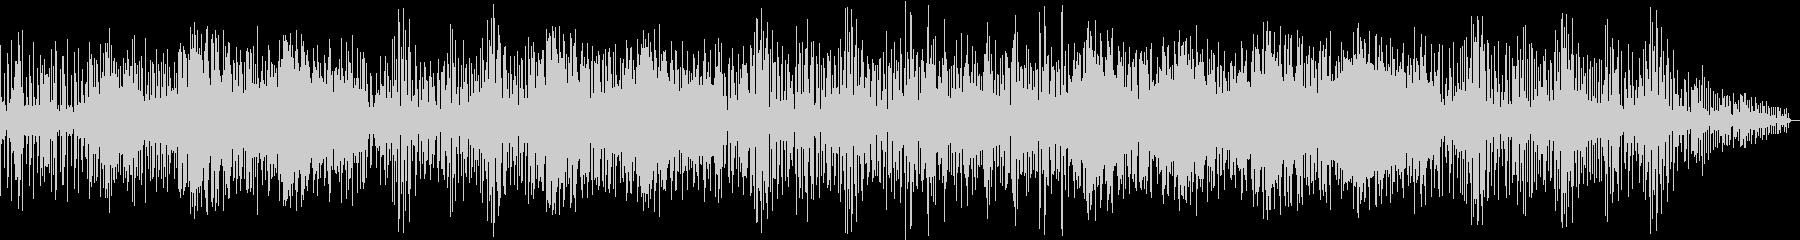 キック音と効果音が印象的なエレクトロニカの未再生の波形